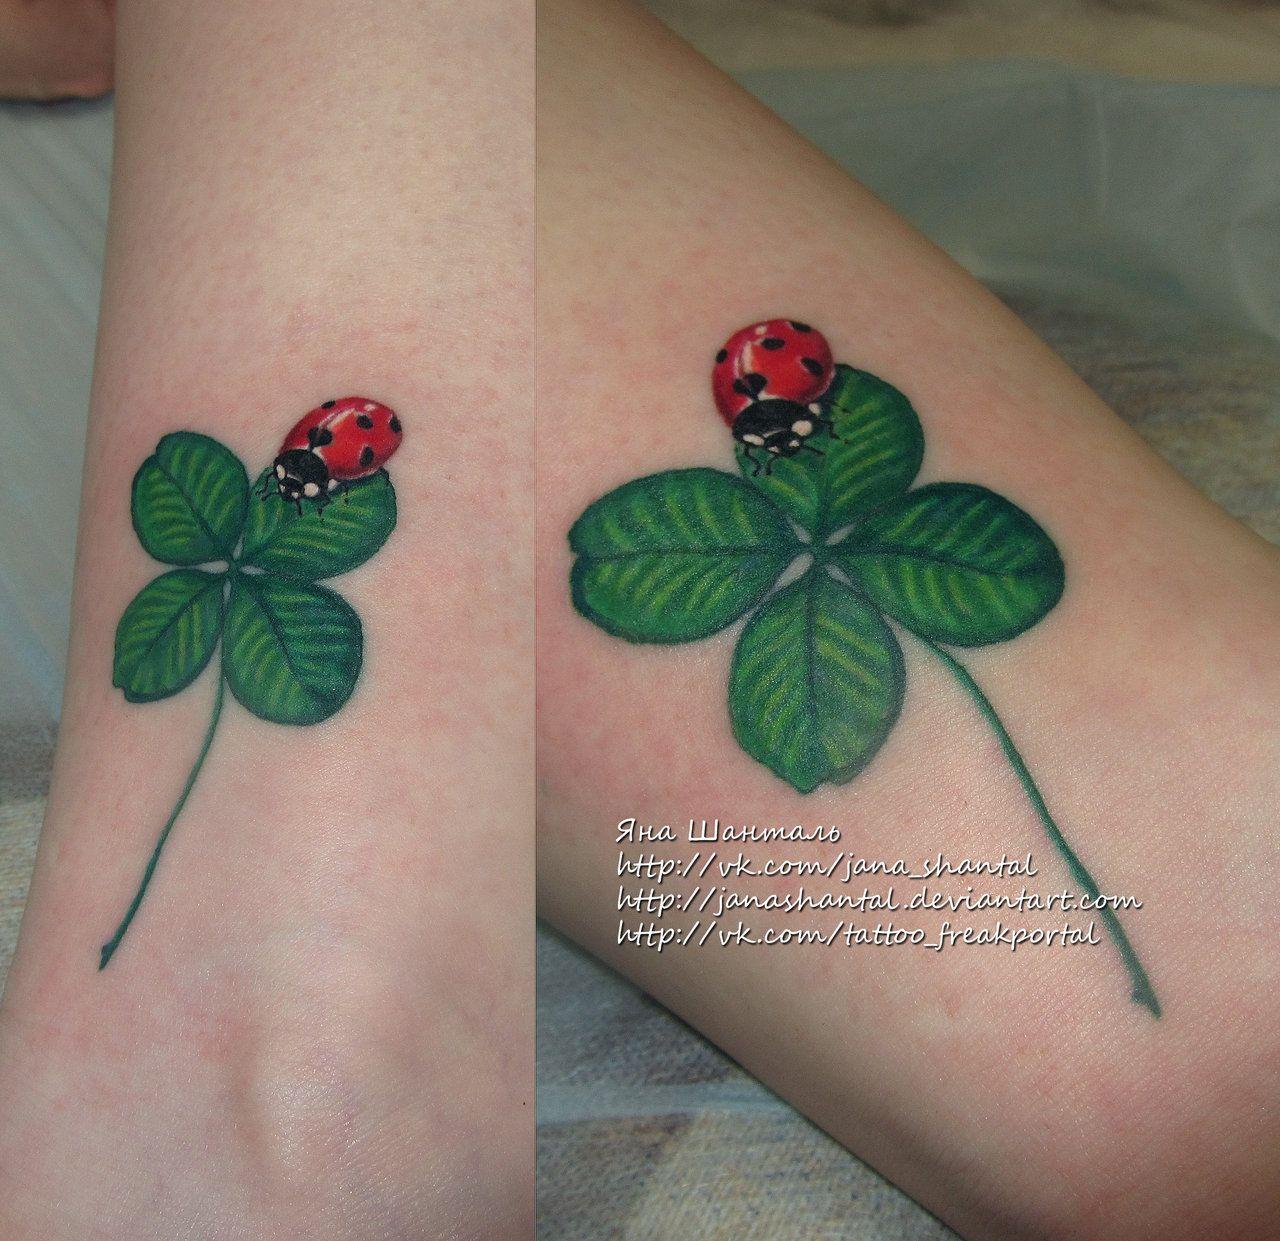 00544d408fb260395a1421b8f7e82aab.jpg (449×350)   Tattoo\'s ...